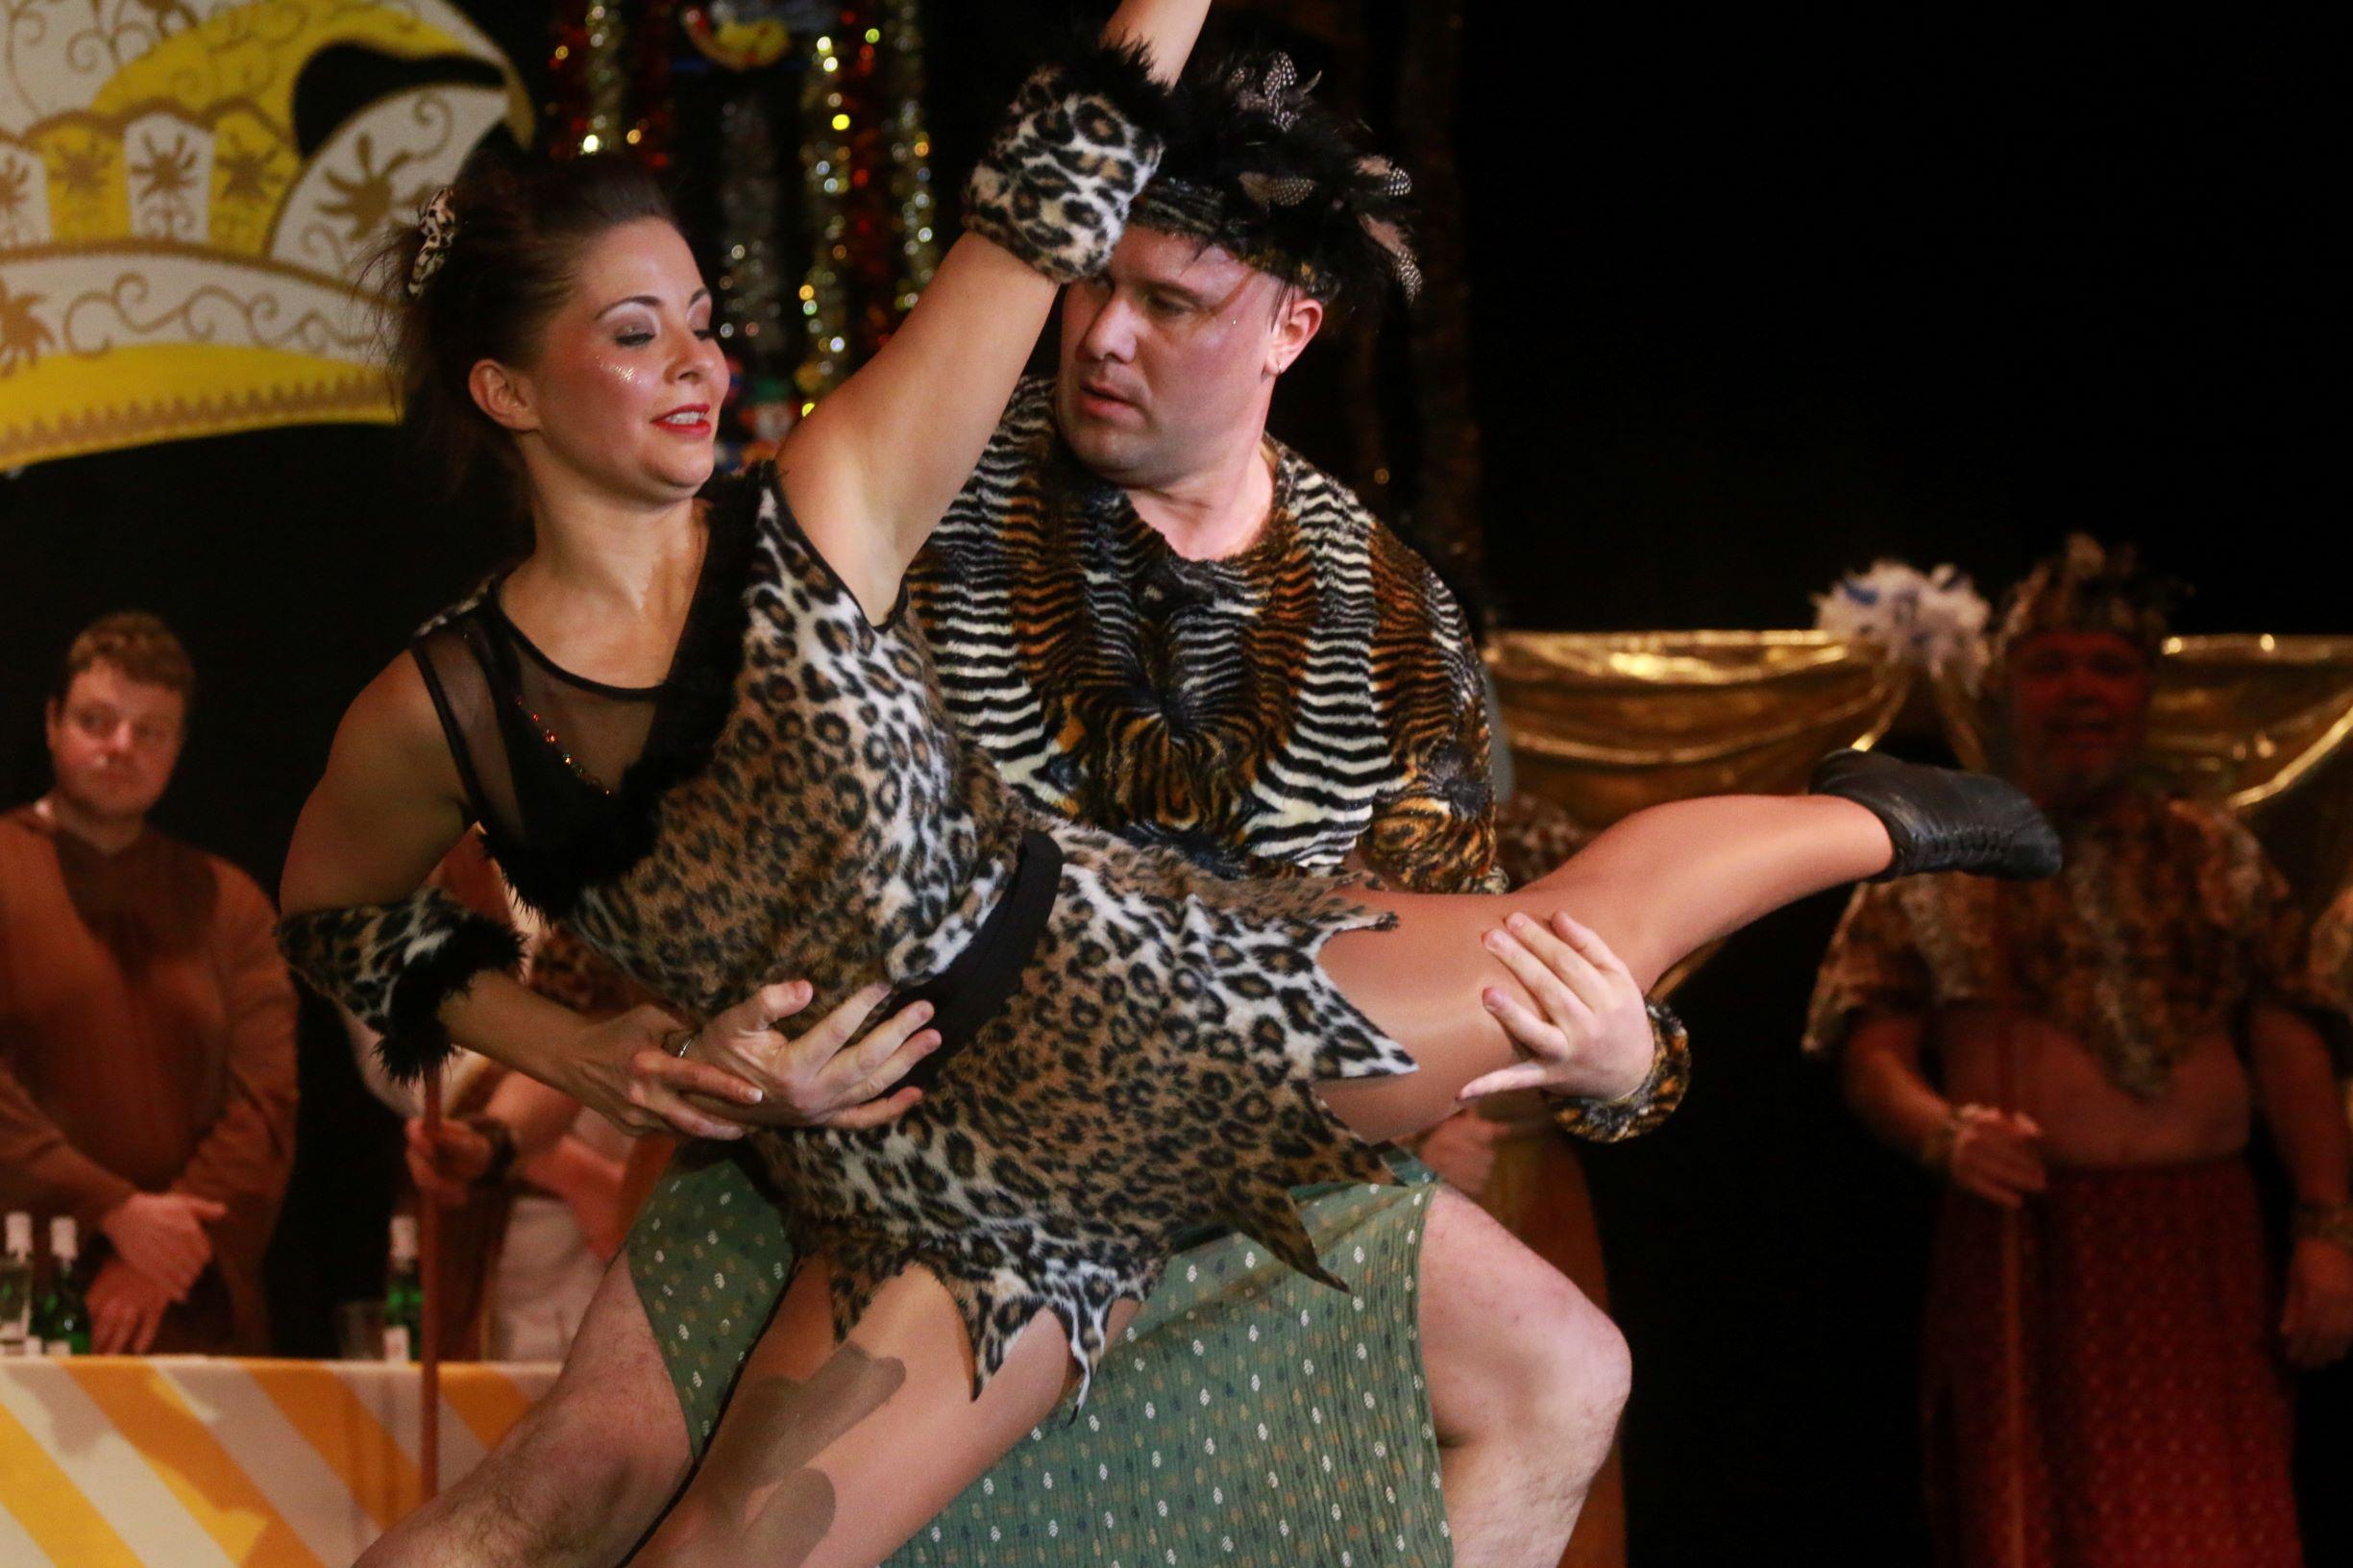 Tanzpaar Afrika